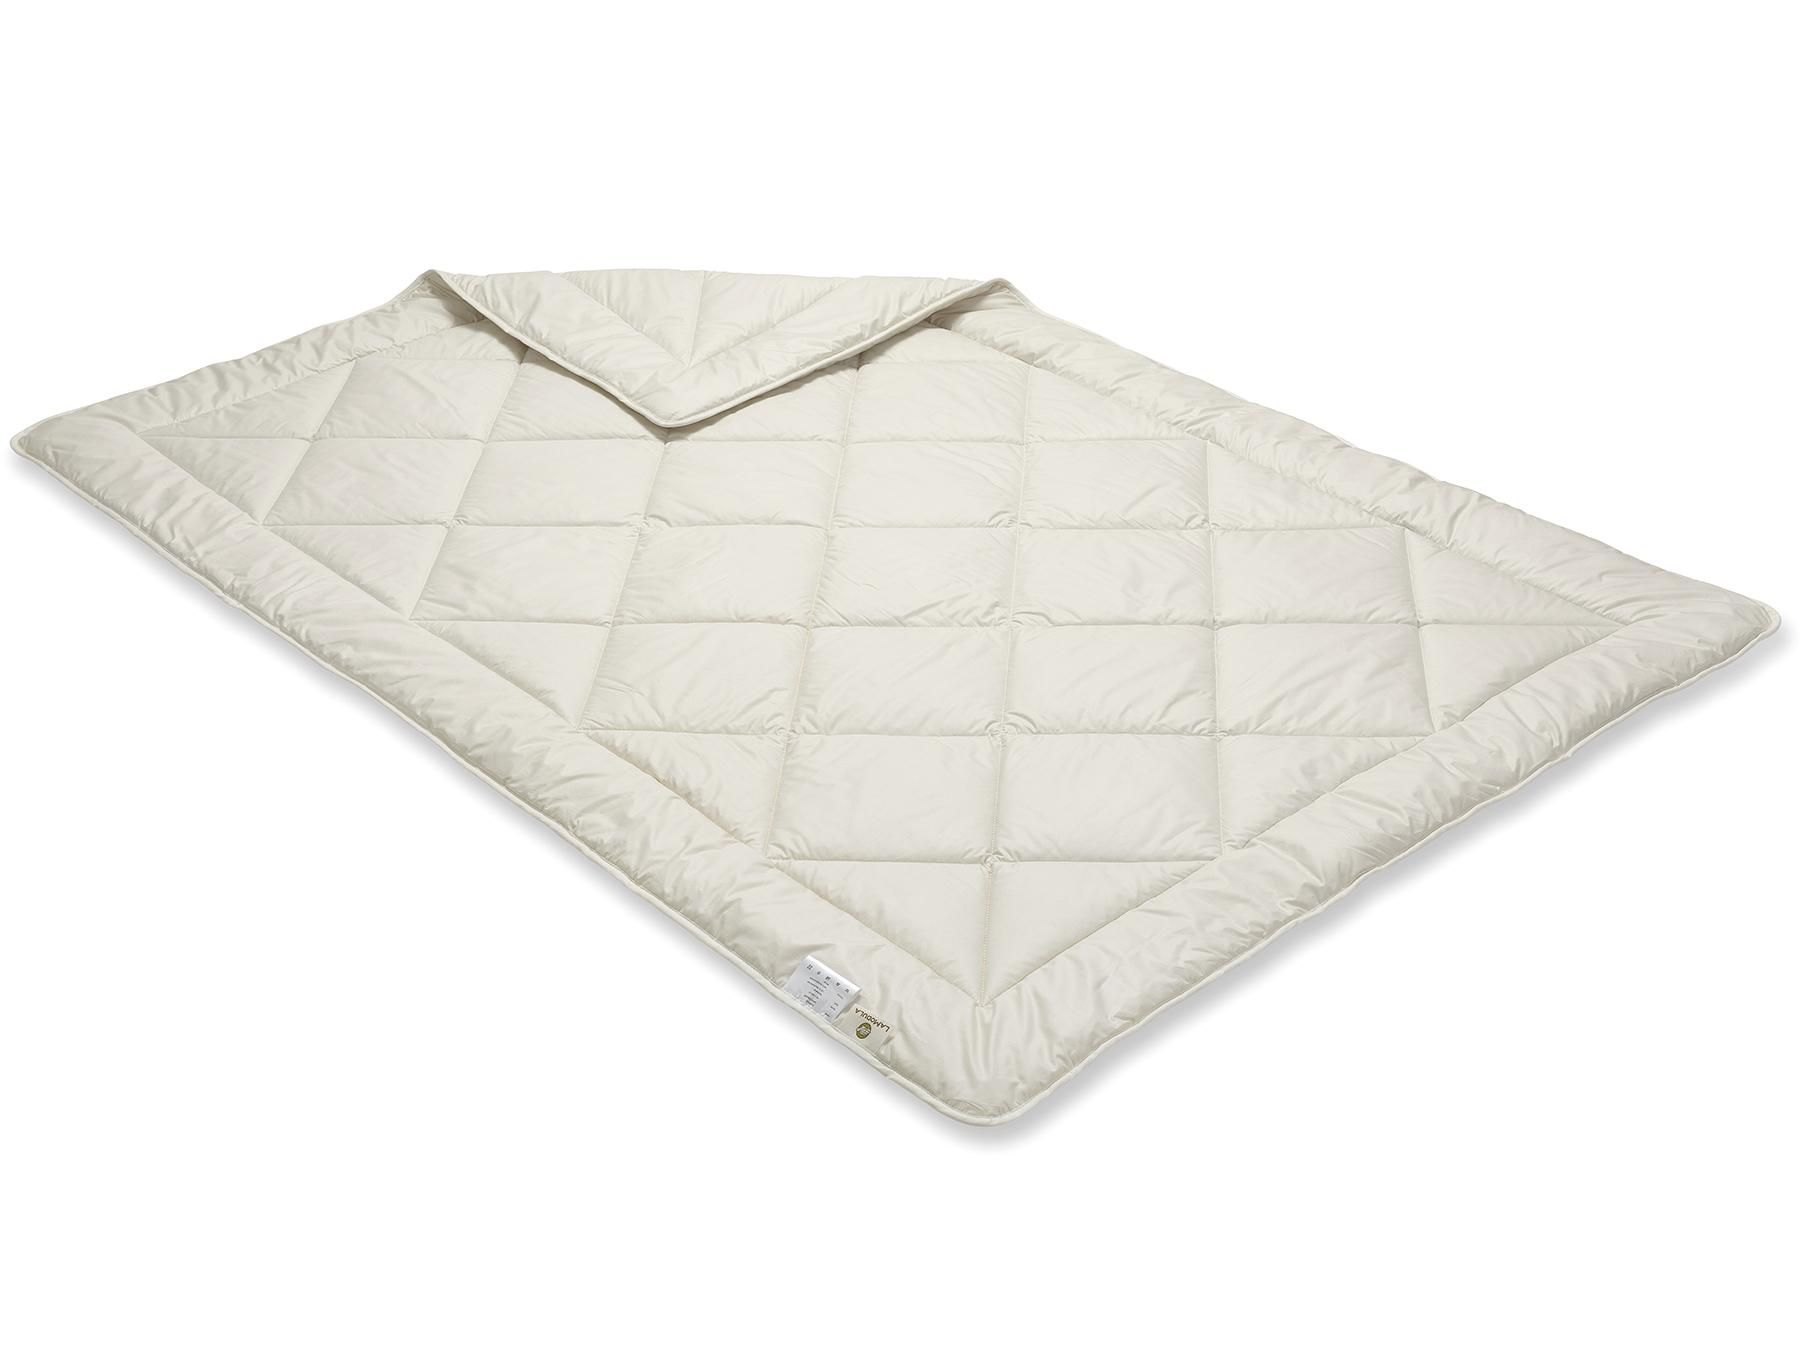 Das schöne Muster in der Steppung entsteht durch sorgfältige Herstellung mit der Einnadeltechnik.